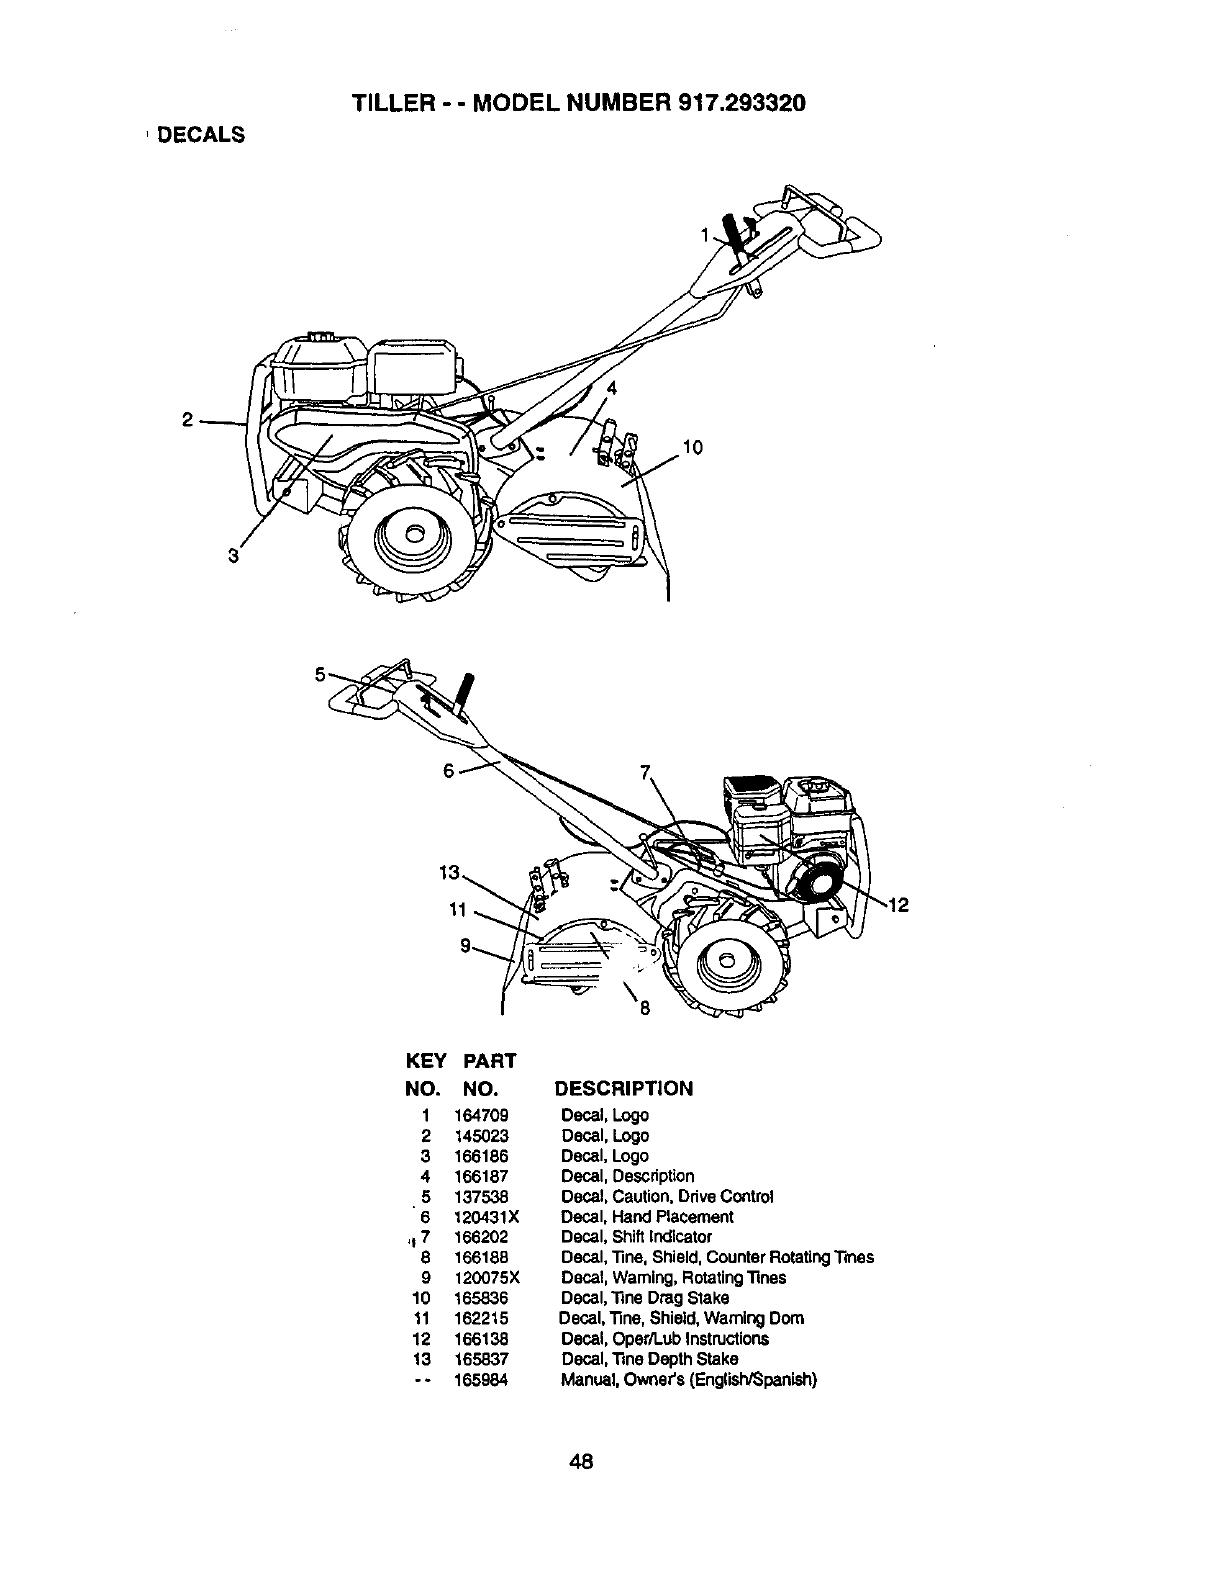 Page 28 of Craftsman Tiller 917.29332 User Guide